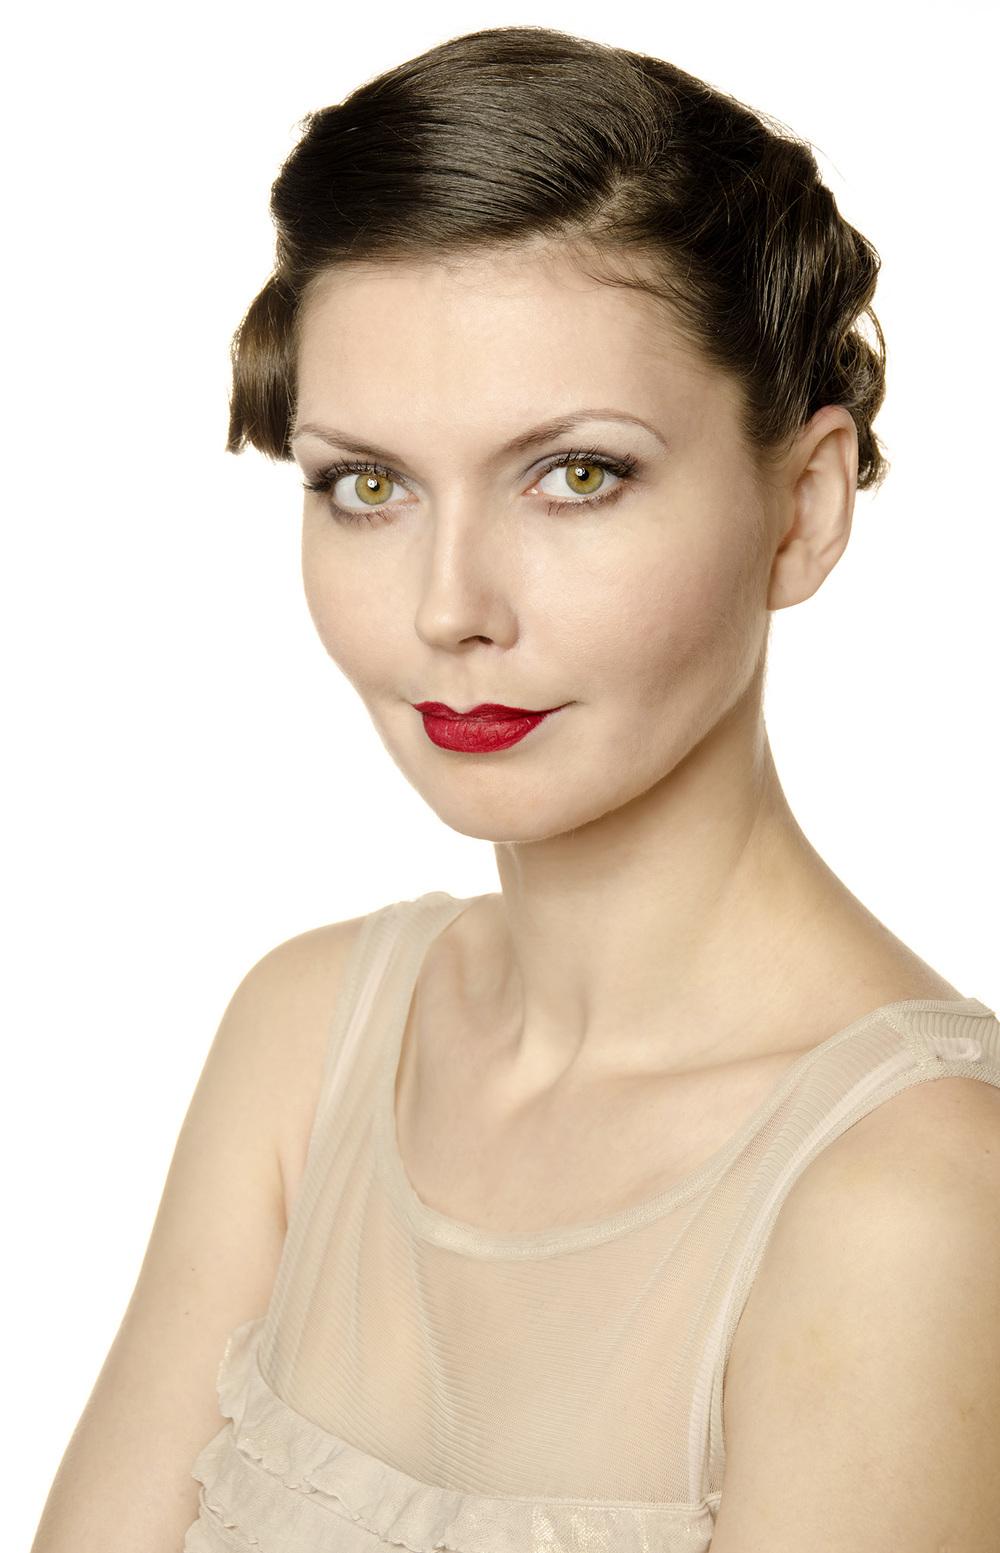 Raphaela Kittler